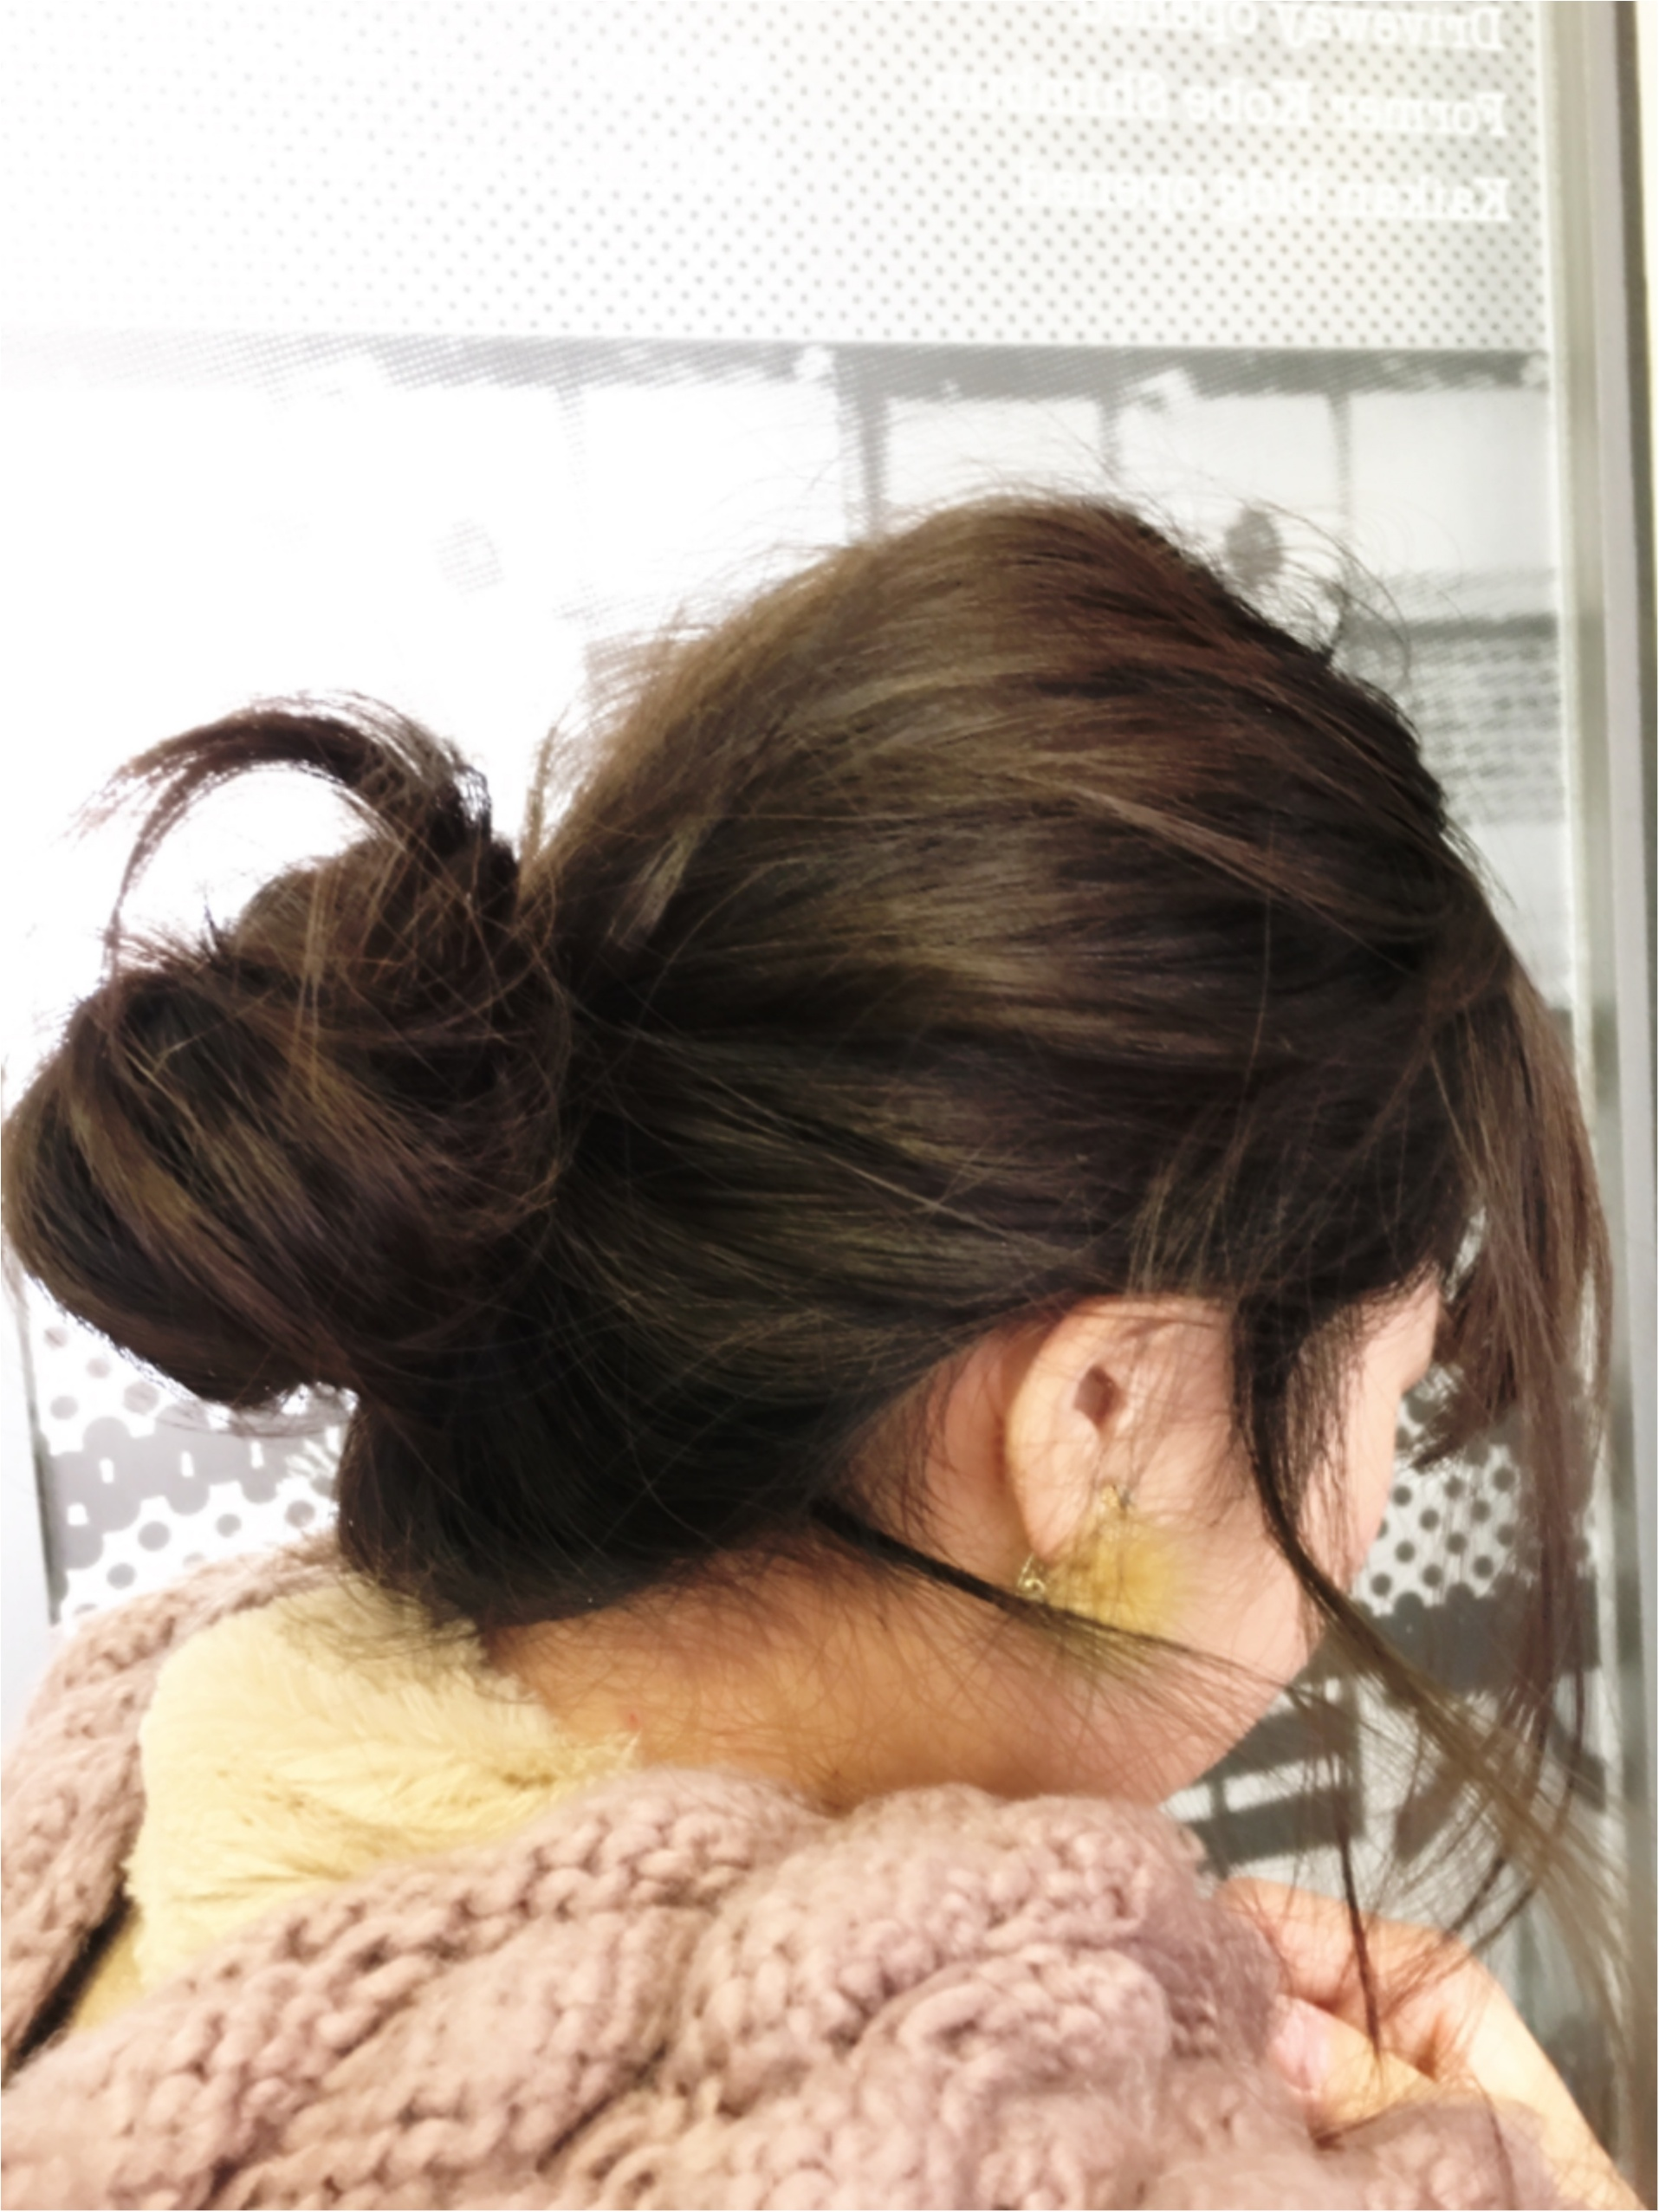 冬でもしたいゆるおだんご♡後れ毛を出すポイントとは?_4